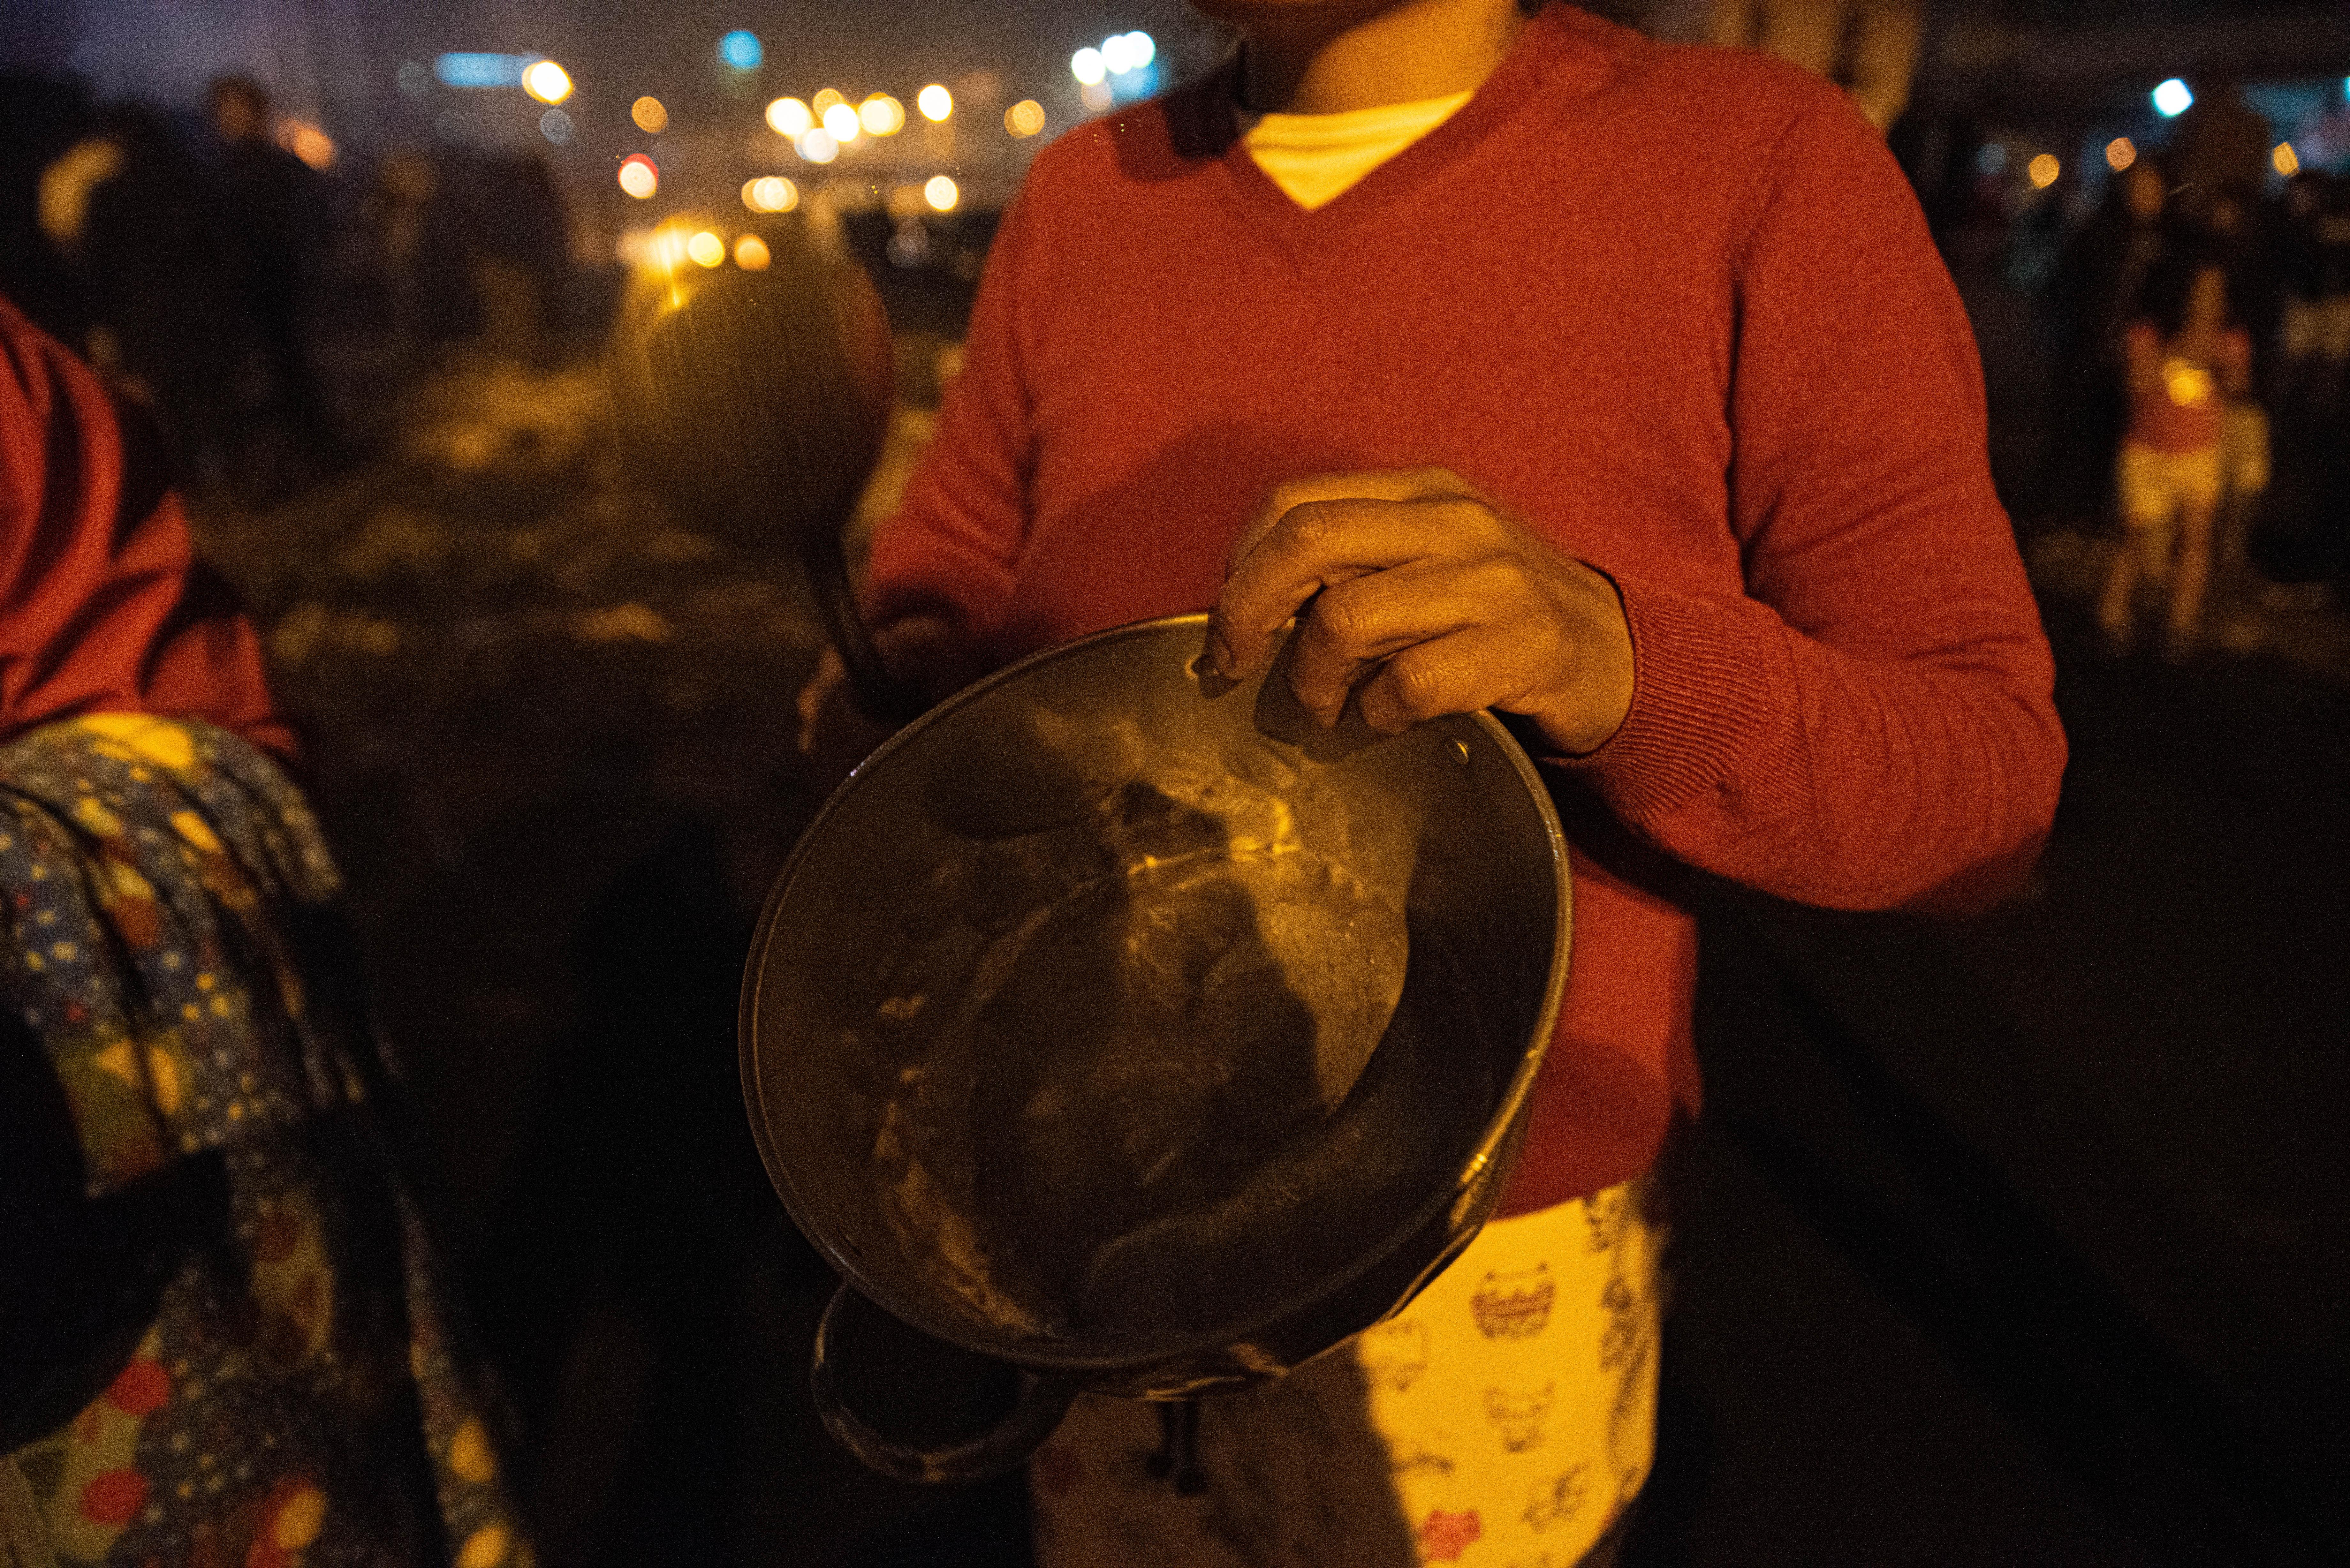 Una manifestante muestra la cacerola con la que salió a hacer ruido para celebrar la derogación del decreto 883.